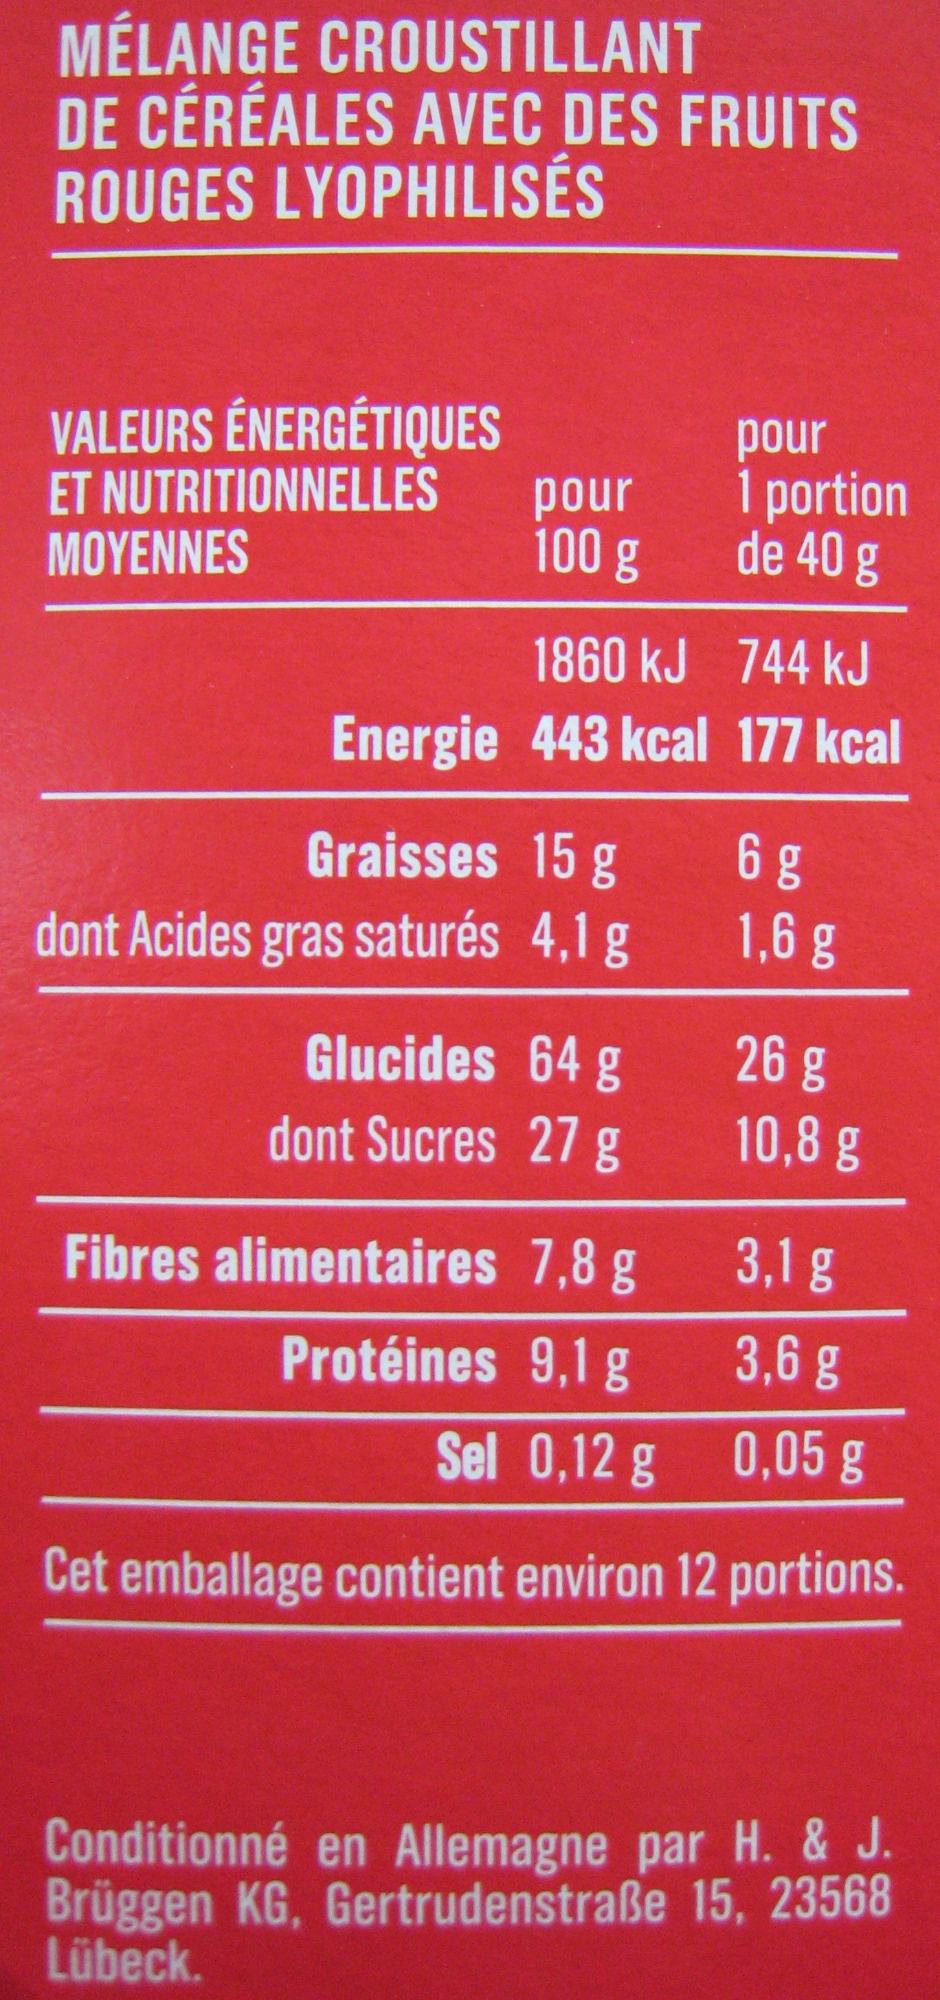 Pépites croustillantes framboise - fraise - myrtille Monoprix - Informations nutritionnelles